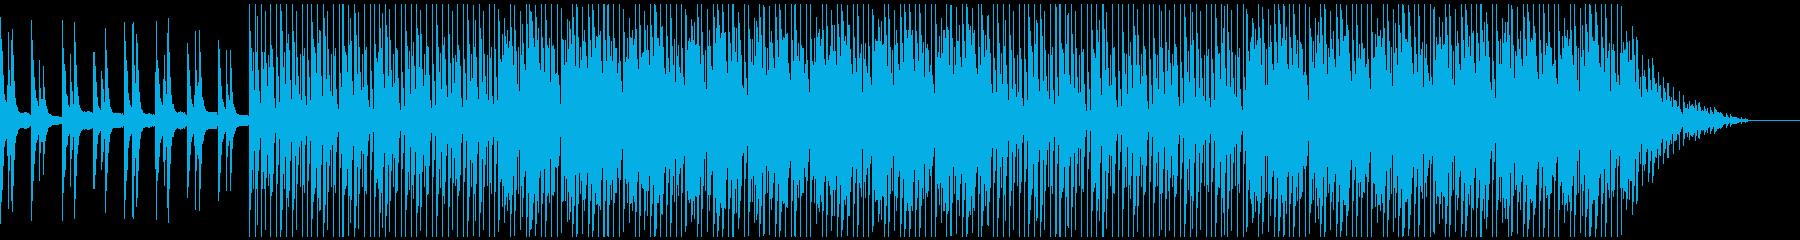 うねるベースと跳ねるようなドラムの再生済みの波形